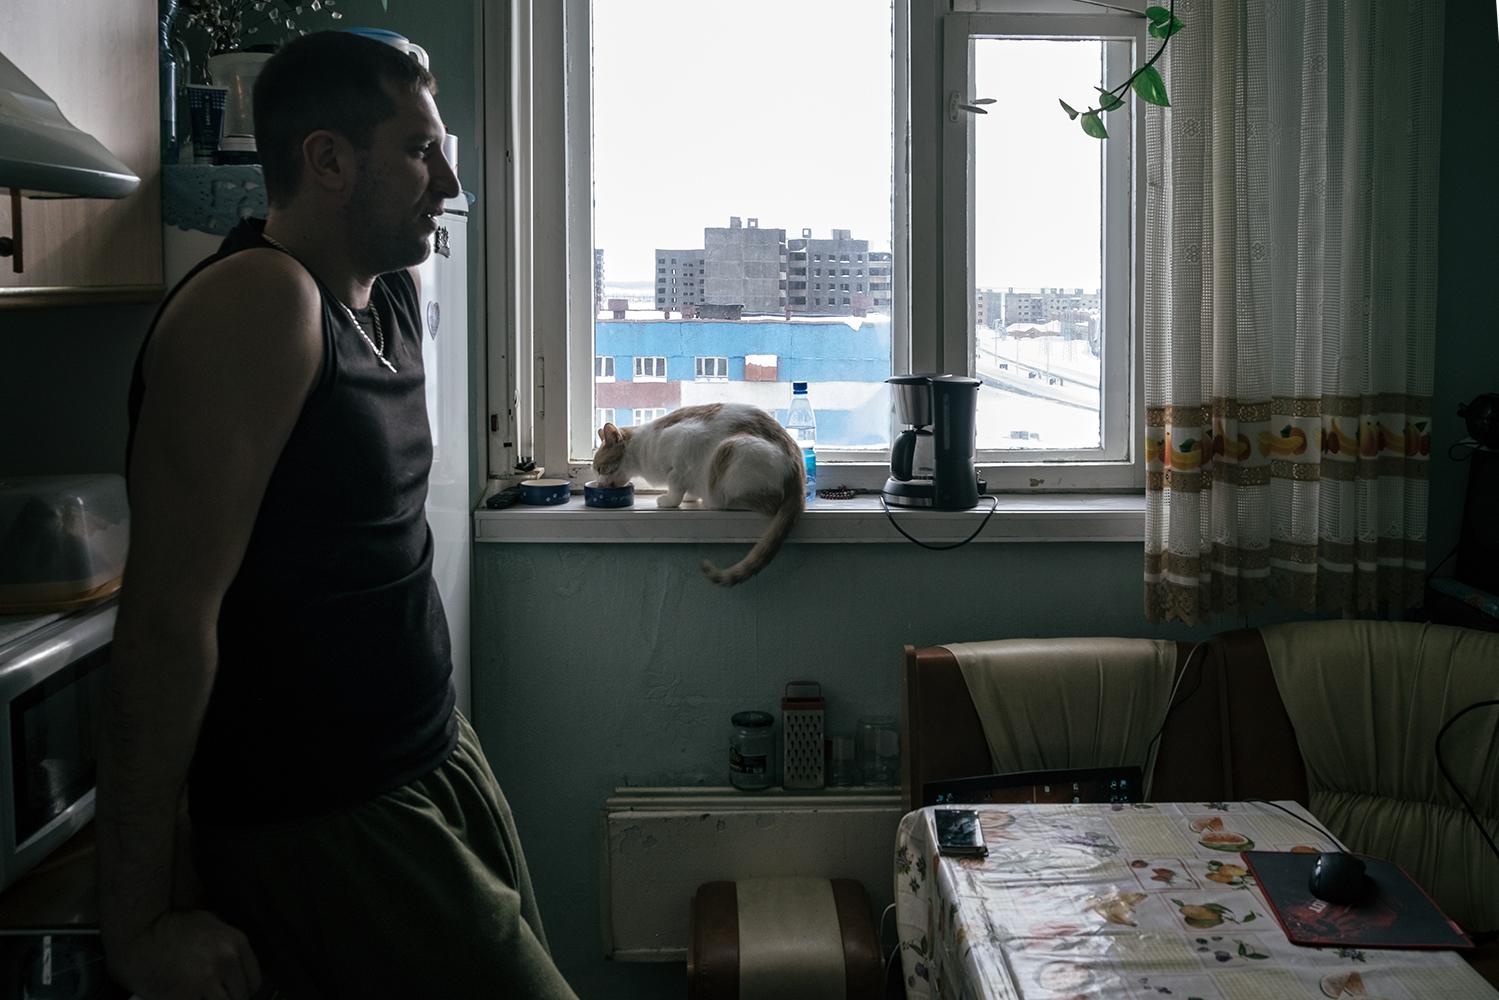 Maxim, 30 años,  nos habla de su día a día en la cocina, donde el y su mujer hacen prácticamente su vida, ya sea cocinando, escuchando música, etcétera... Es bombero, está casado con Yulia y tienen dos perros. Viven en la periferia de Norilsk. En su tiempo libre practica deporte.